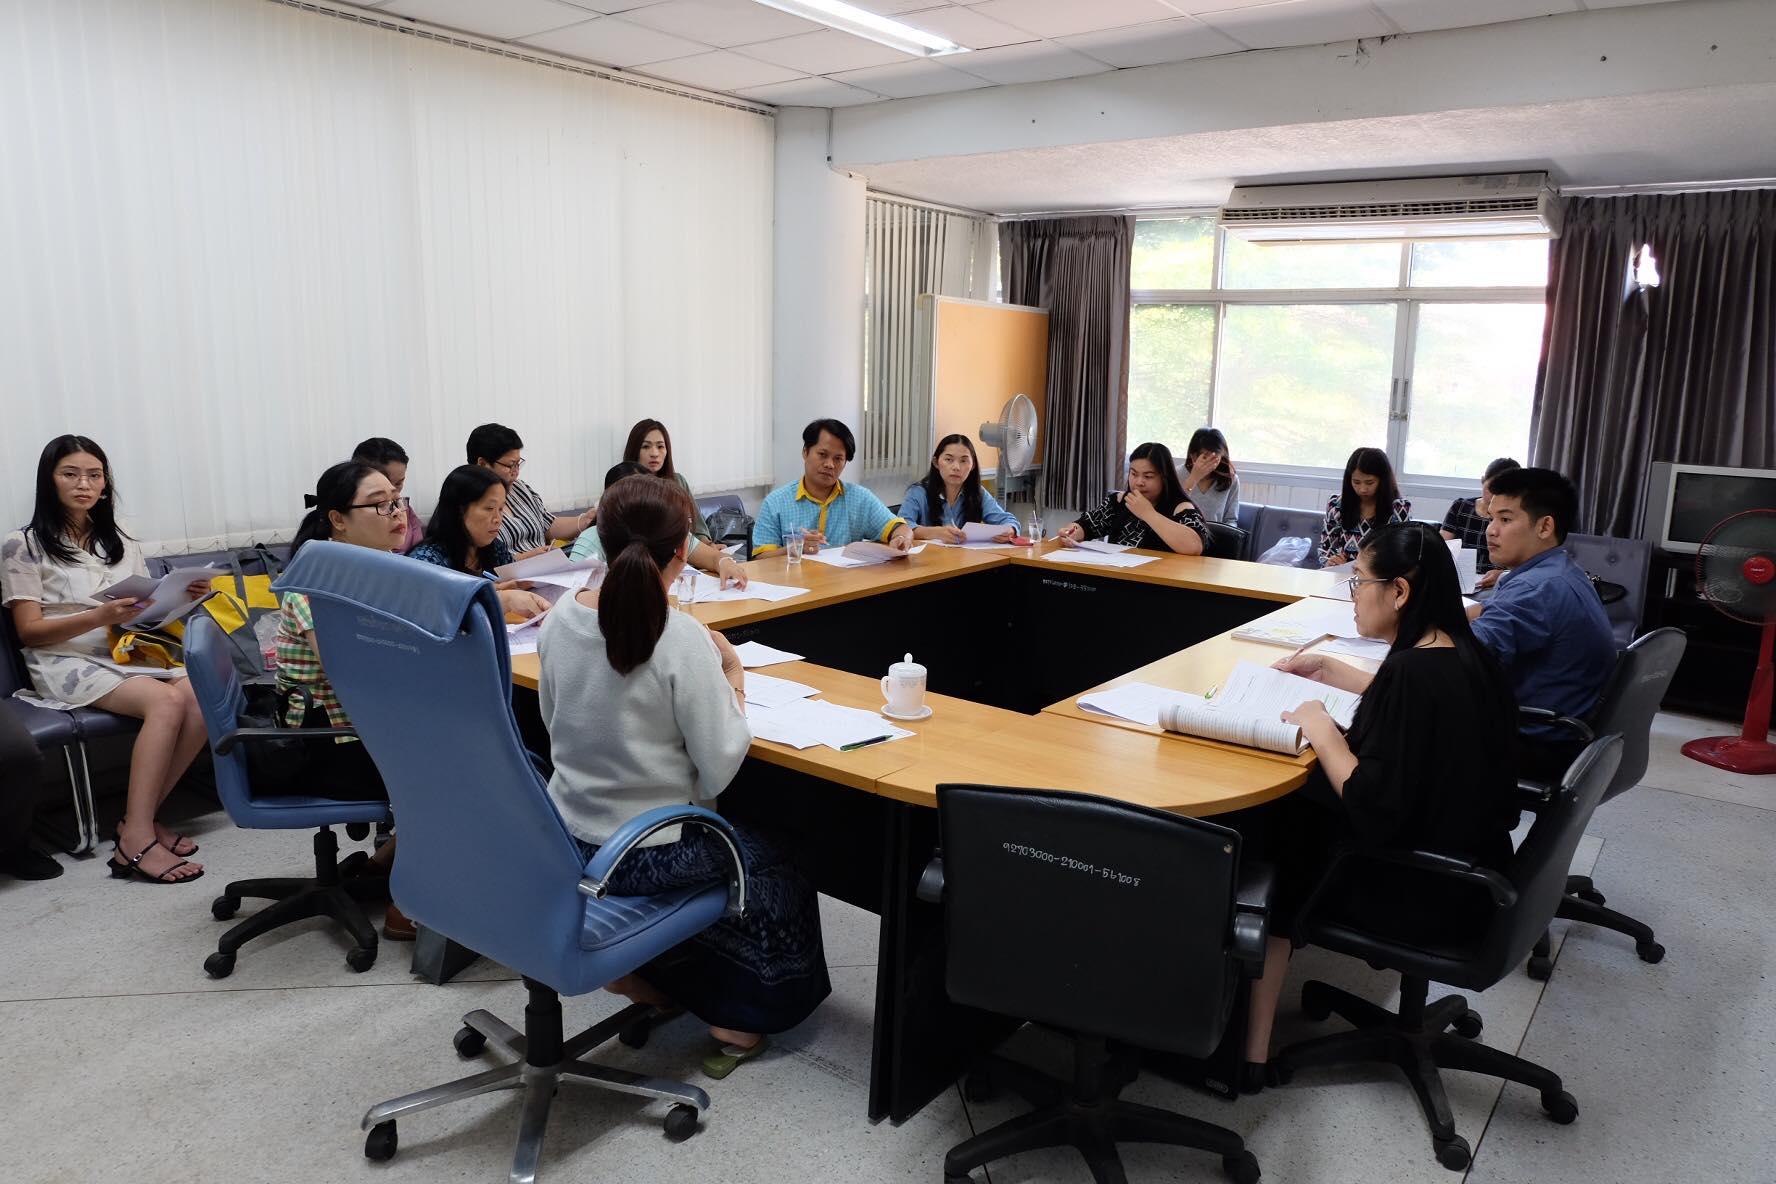 กองบริการการศึกษา จัด KM TCAS รอบที่ 1 การรับด้วย Portfolio